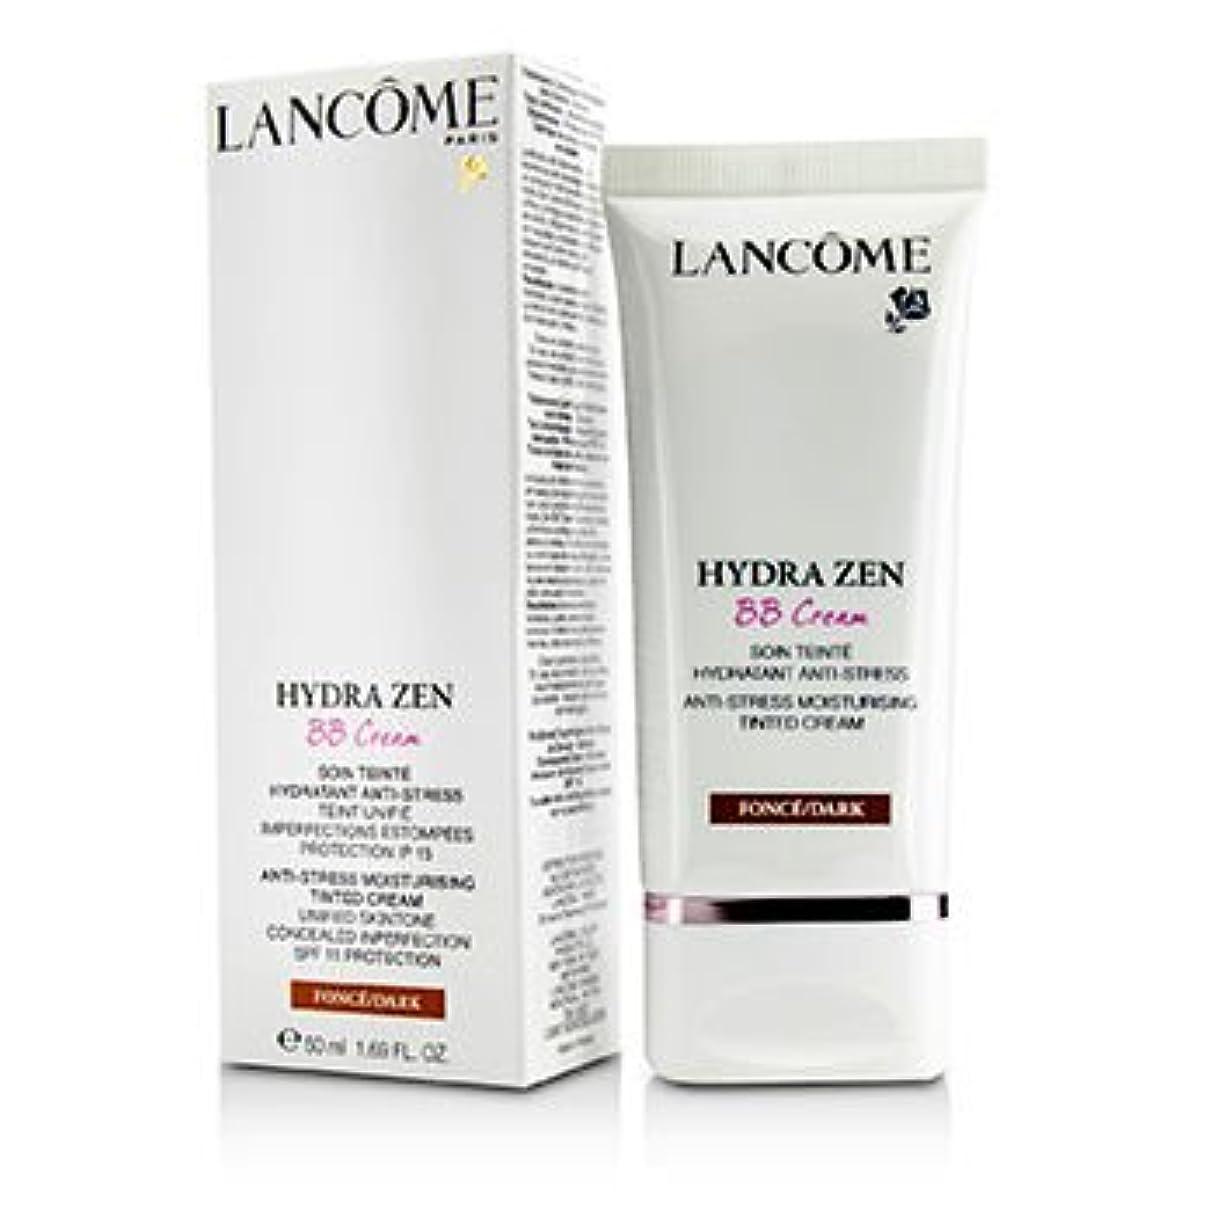 トリップ攻撃的信者[Lancome] Lancome Hydra Zen (BB Cream) Anti-Stress Moisturising Tinted Cream SPF 15 - # Dark 50ml/1.69oz